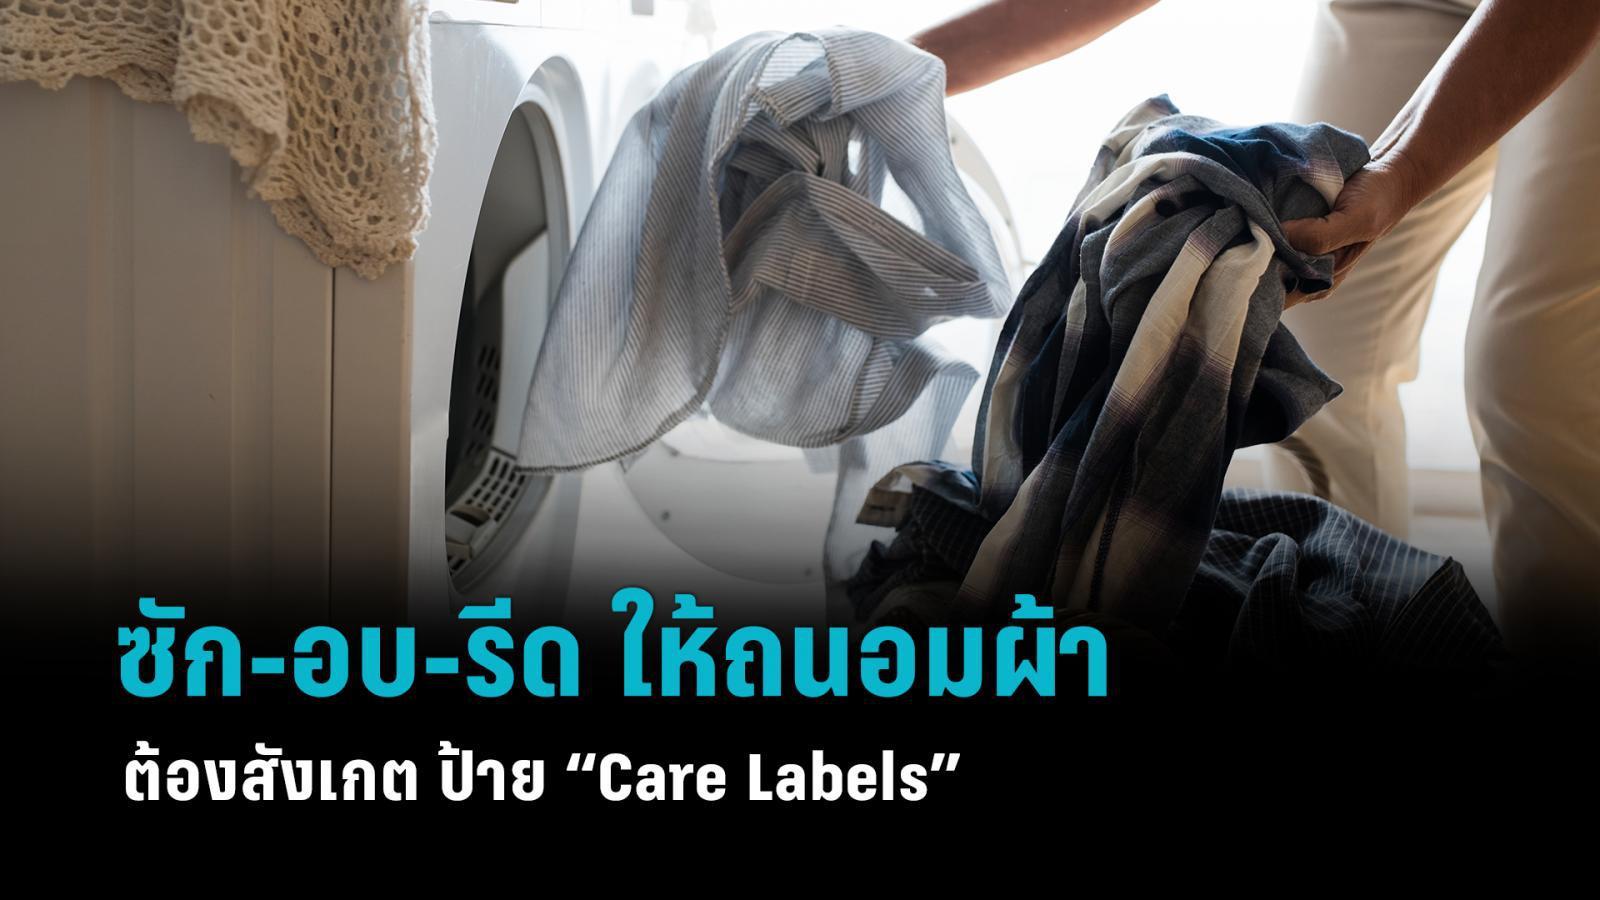 """ซัก-อบ-รีด ให้ถนอมผ้า ต้องสังเกต ป้าย """"Care Labels"""""""